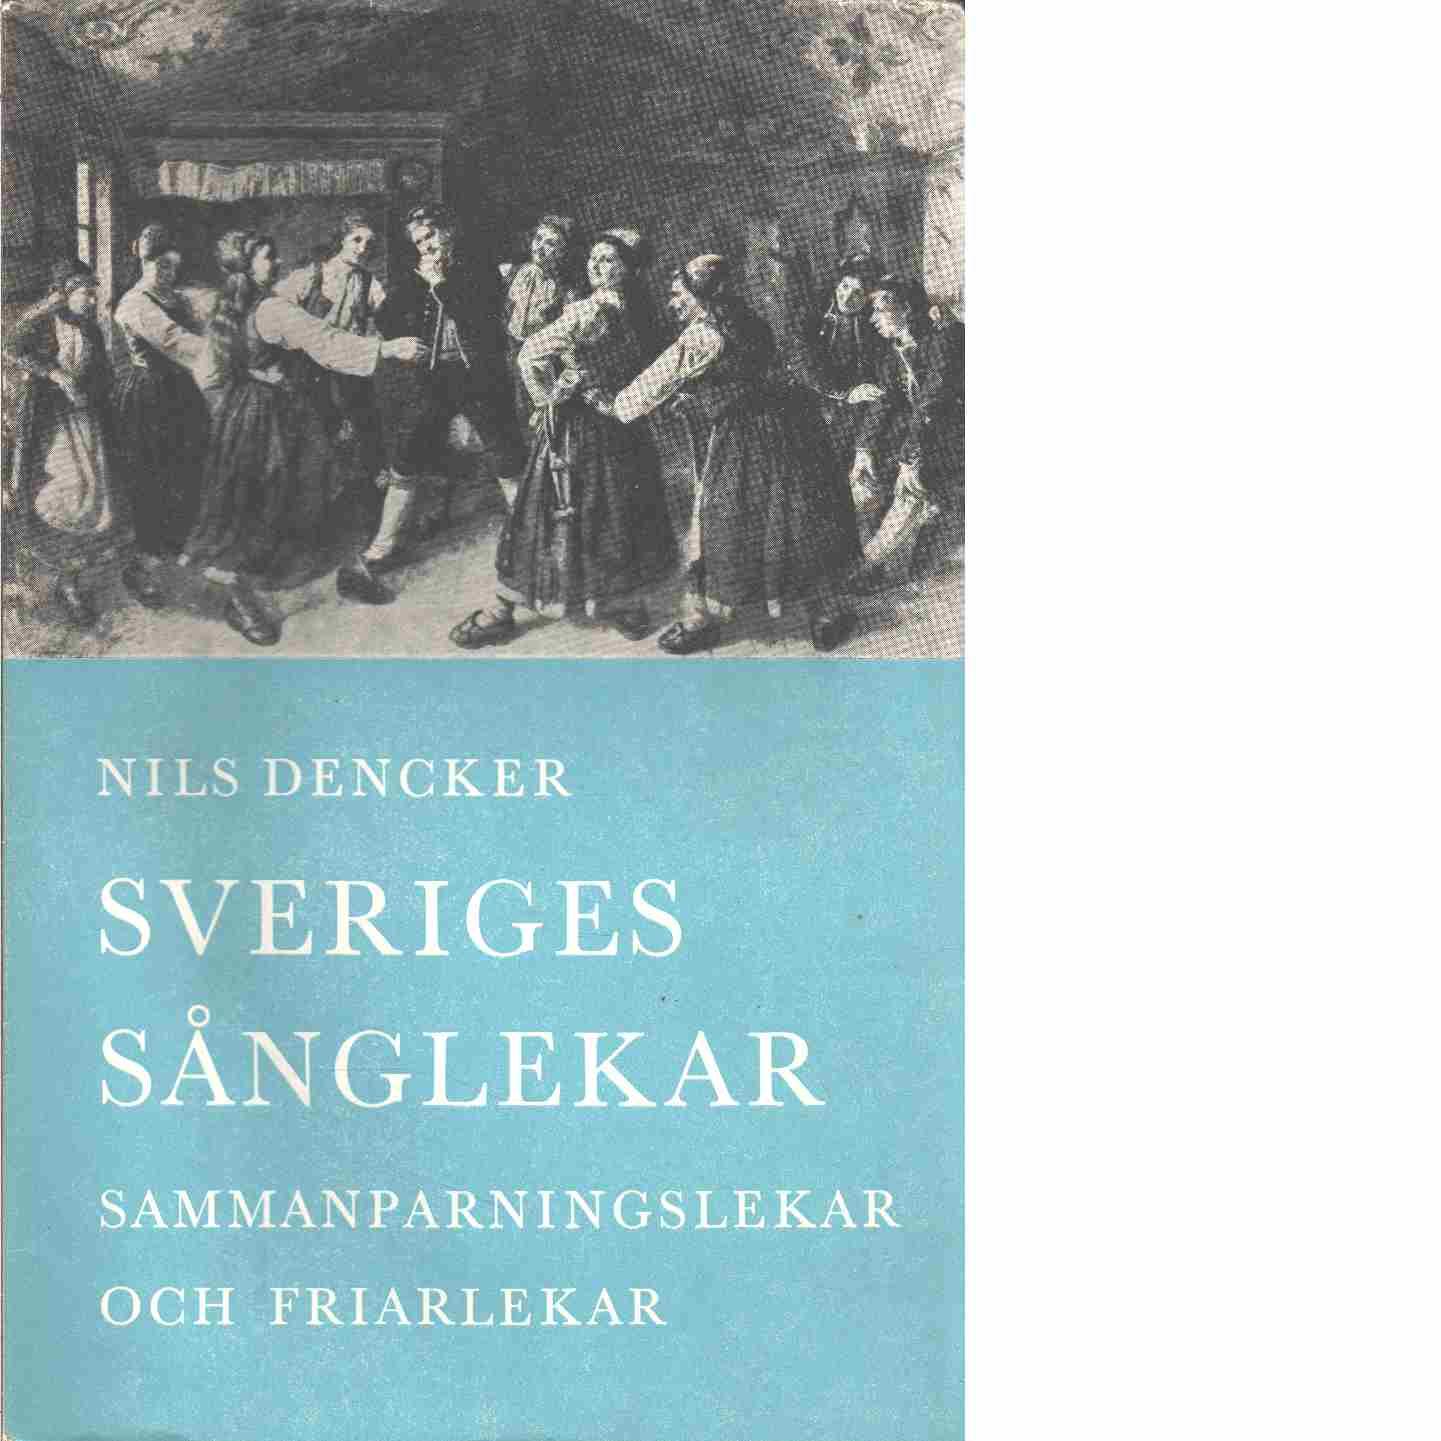 Sveriges sånglekar : sammanparningslekar och friarlekar - Red. Dencker, Nils